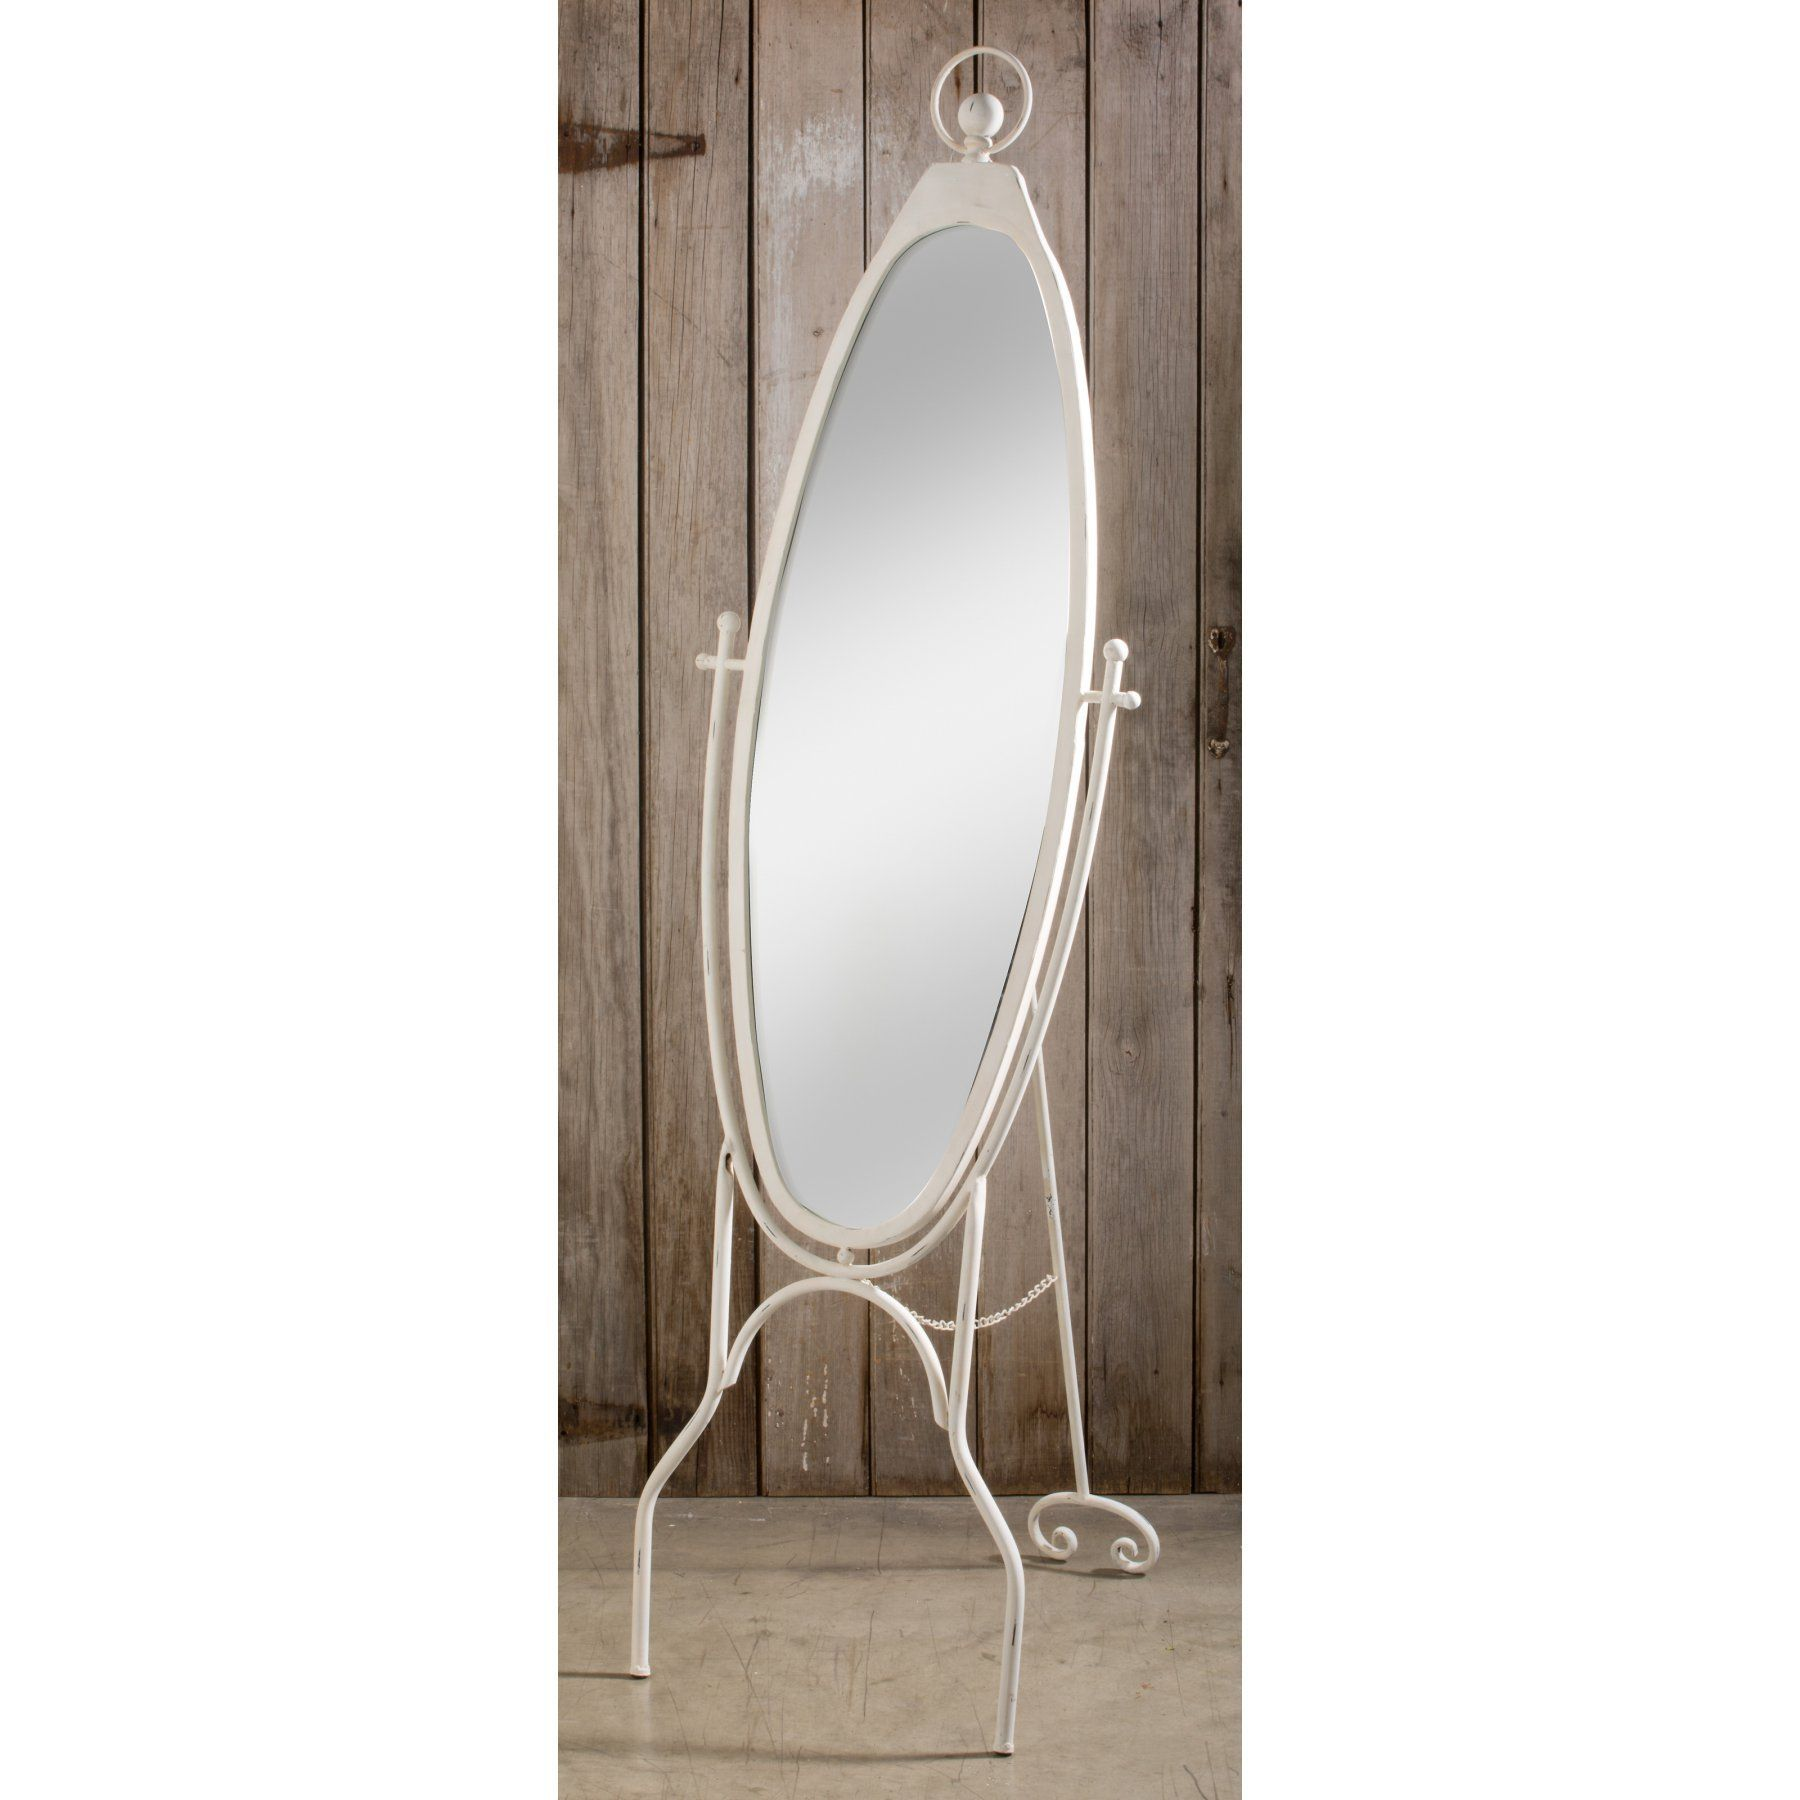 Tall Standing Mirrors. Tripar Metal Oval Floor Mirror - 59362 Tall ...